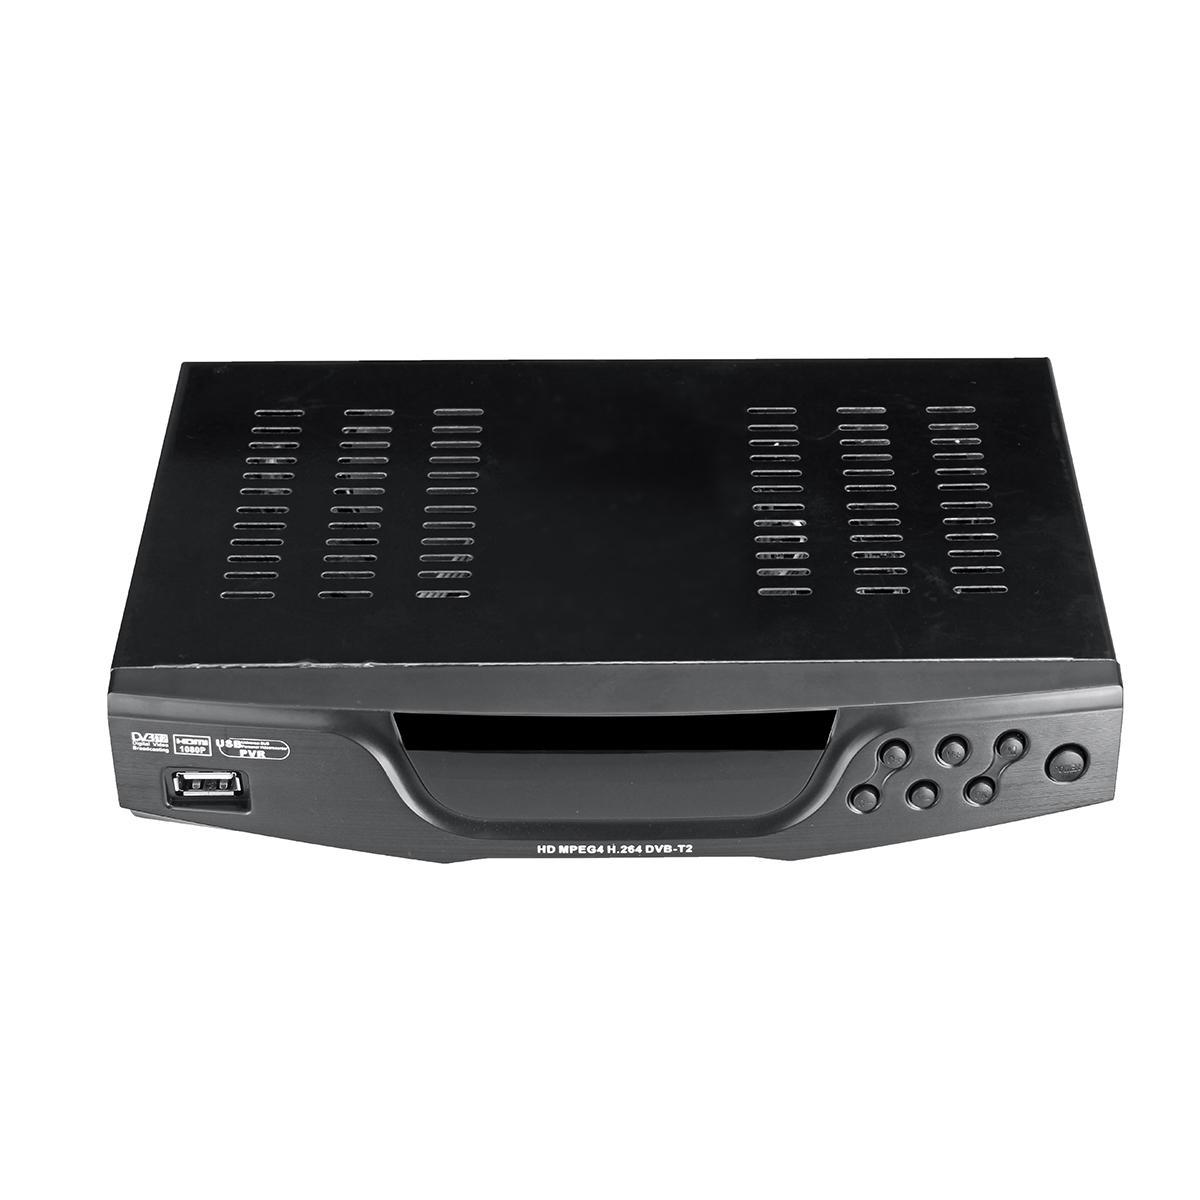 GTMEDIA V8 Pro 2 DVB-S/S2/S2X DVB-T/T2 Cable ISDB-T HD 1080P H.265 TV Signal Satellite Receiver - 1